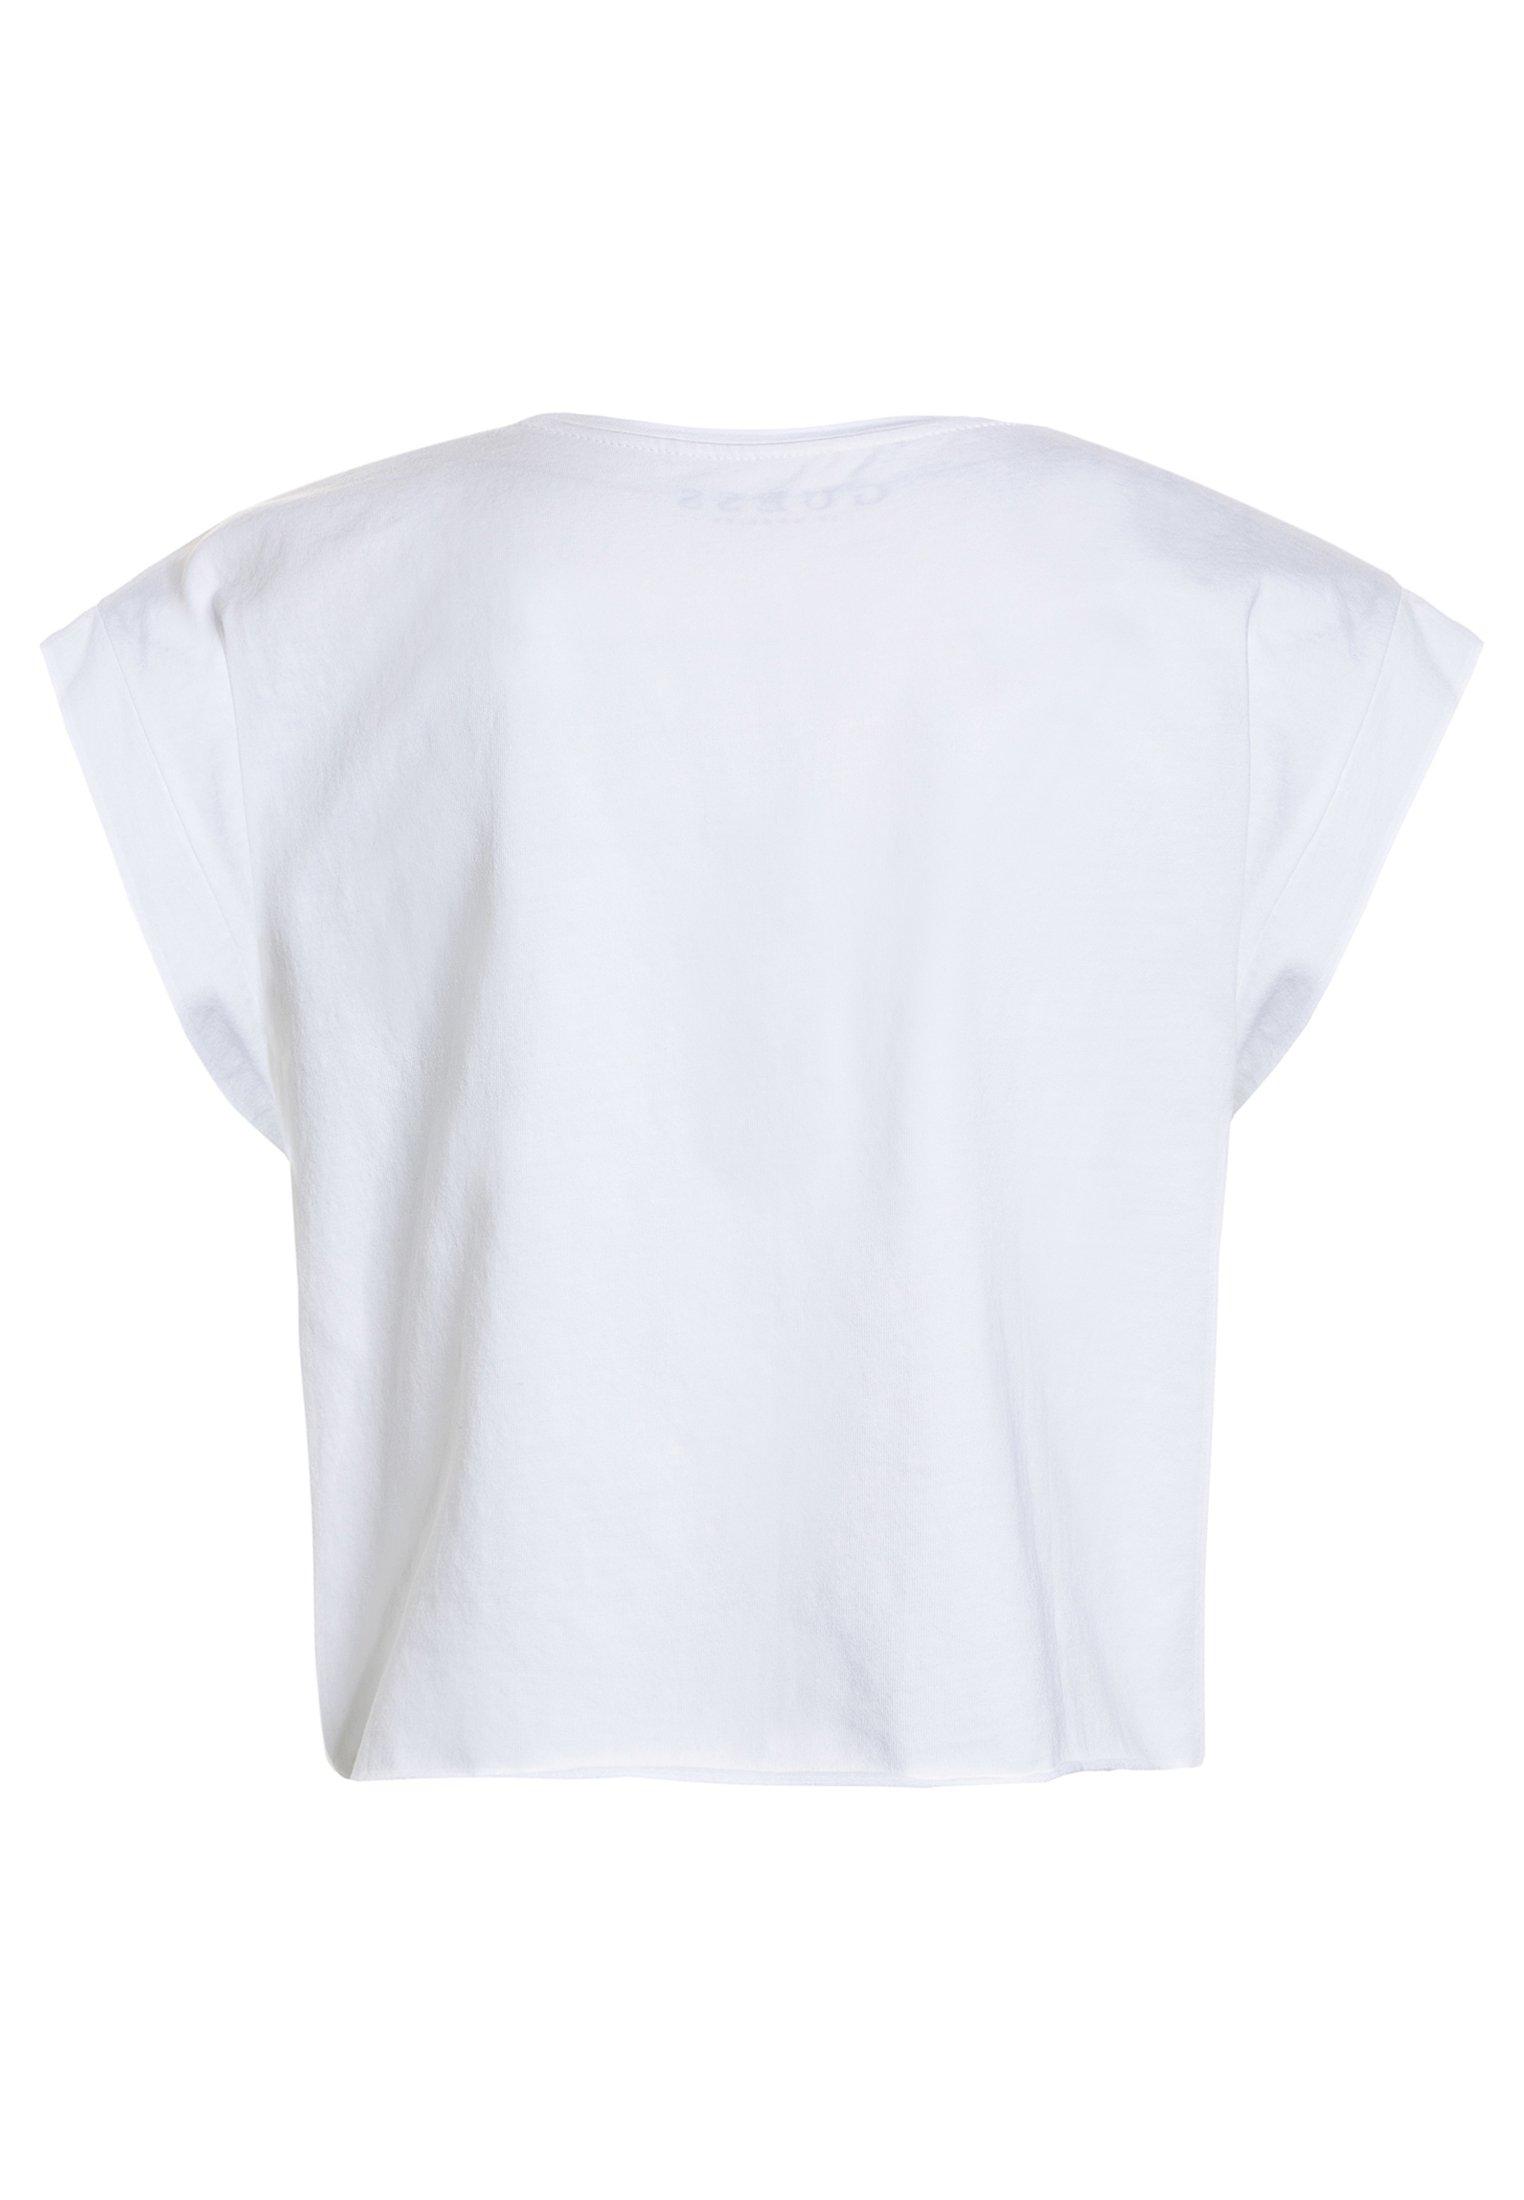 zalando t-shirt blanc